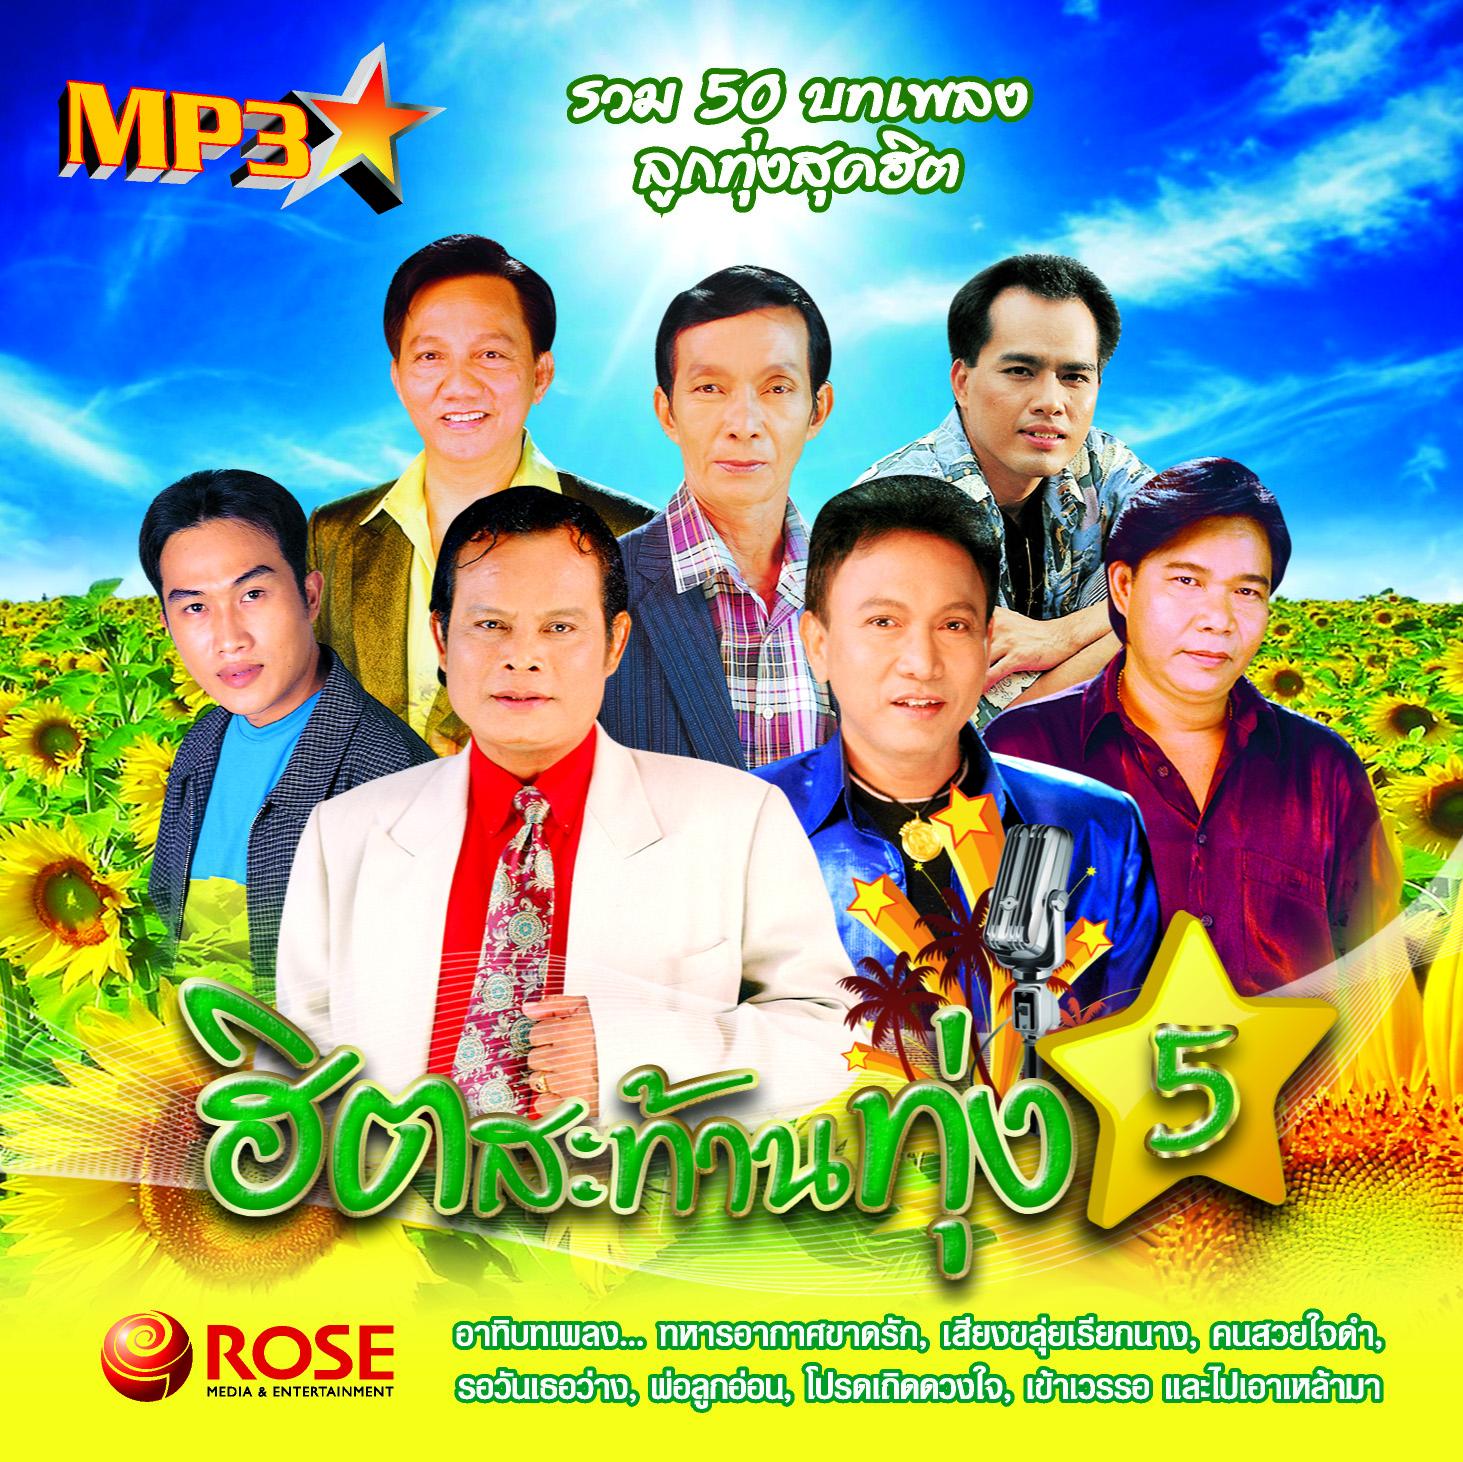 MP3 ฮิตสะท้านทุ่ง 5 (จีรพันธ์ แสงสุรีย์ กำแพง สนธิ รังษี วันชนะ ชายธง สดใส)